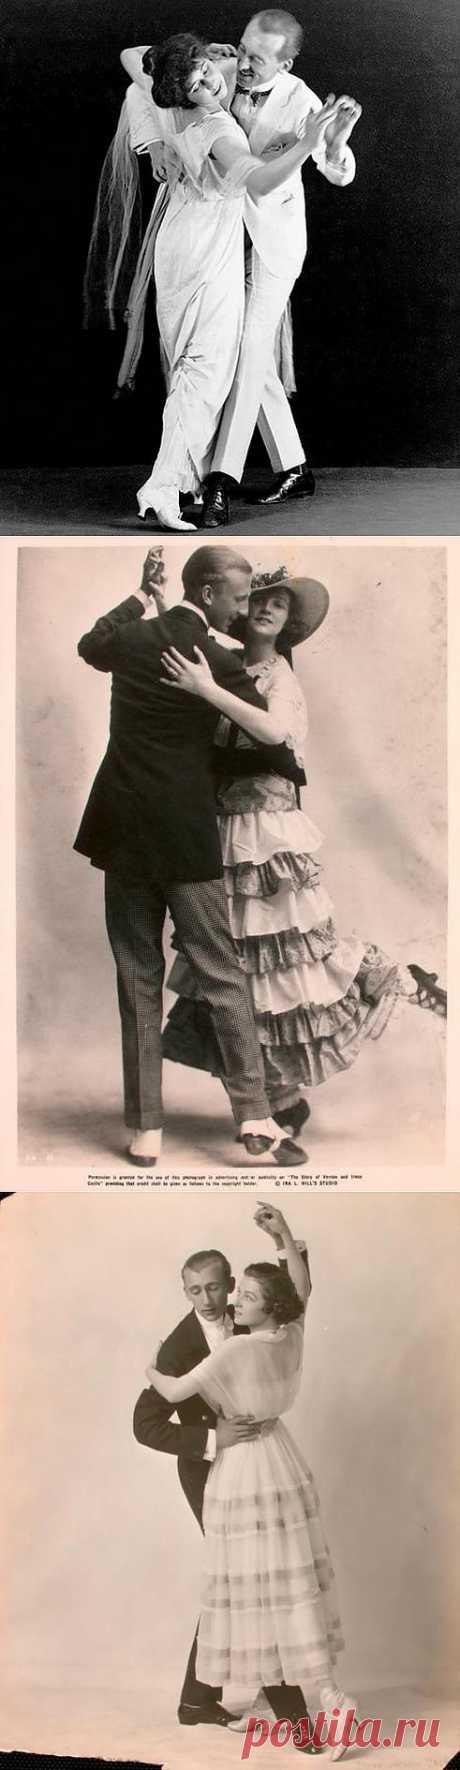 Вернон и Ирен Кастл/Vernon and Irene Castle.